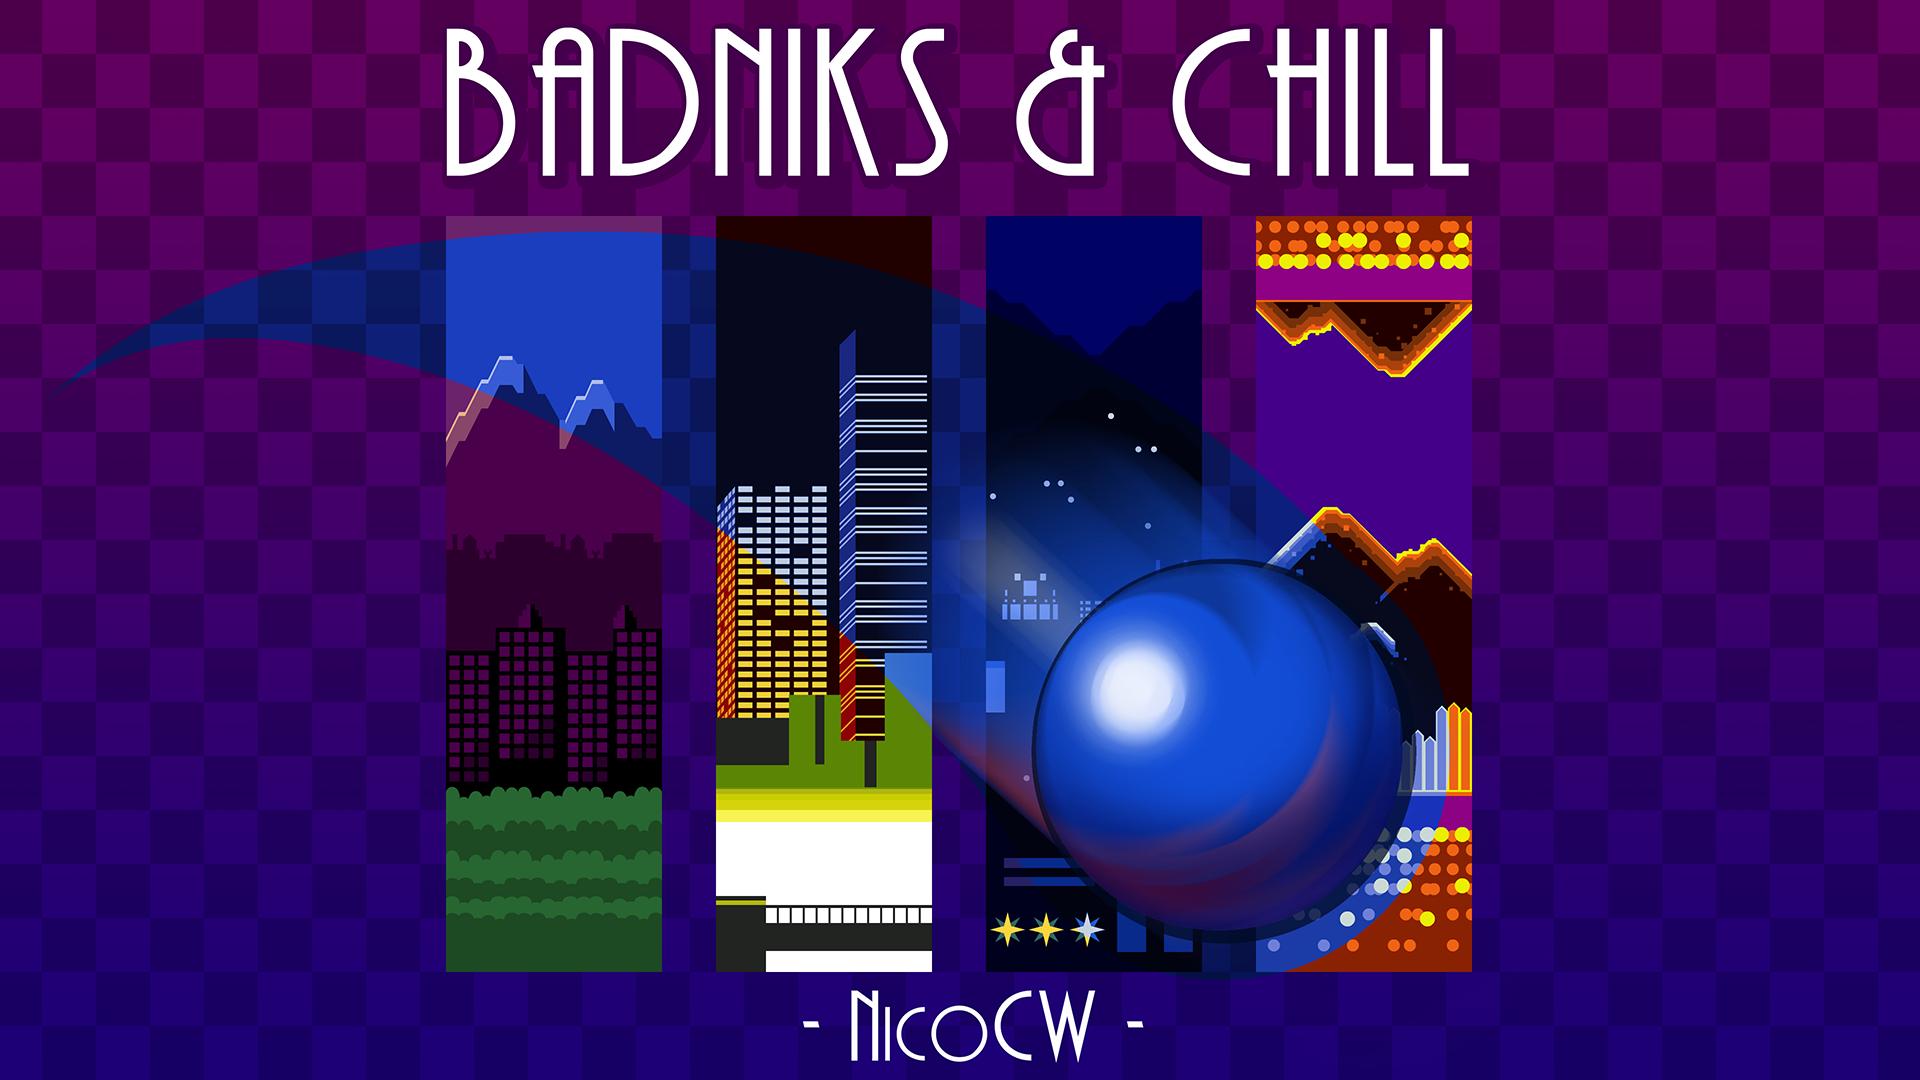 Badniks & Chill